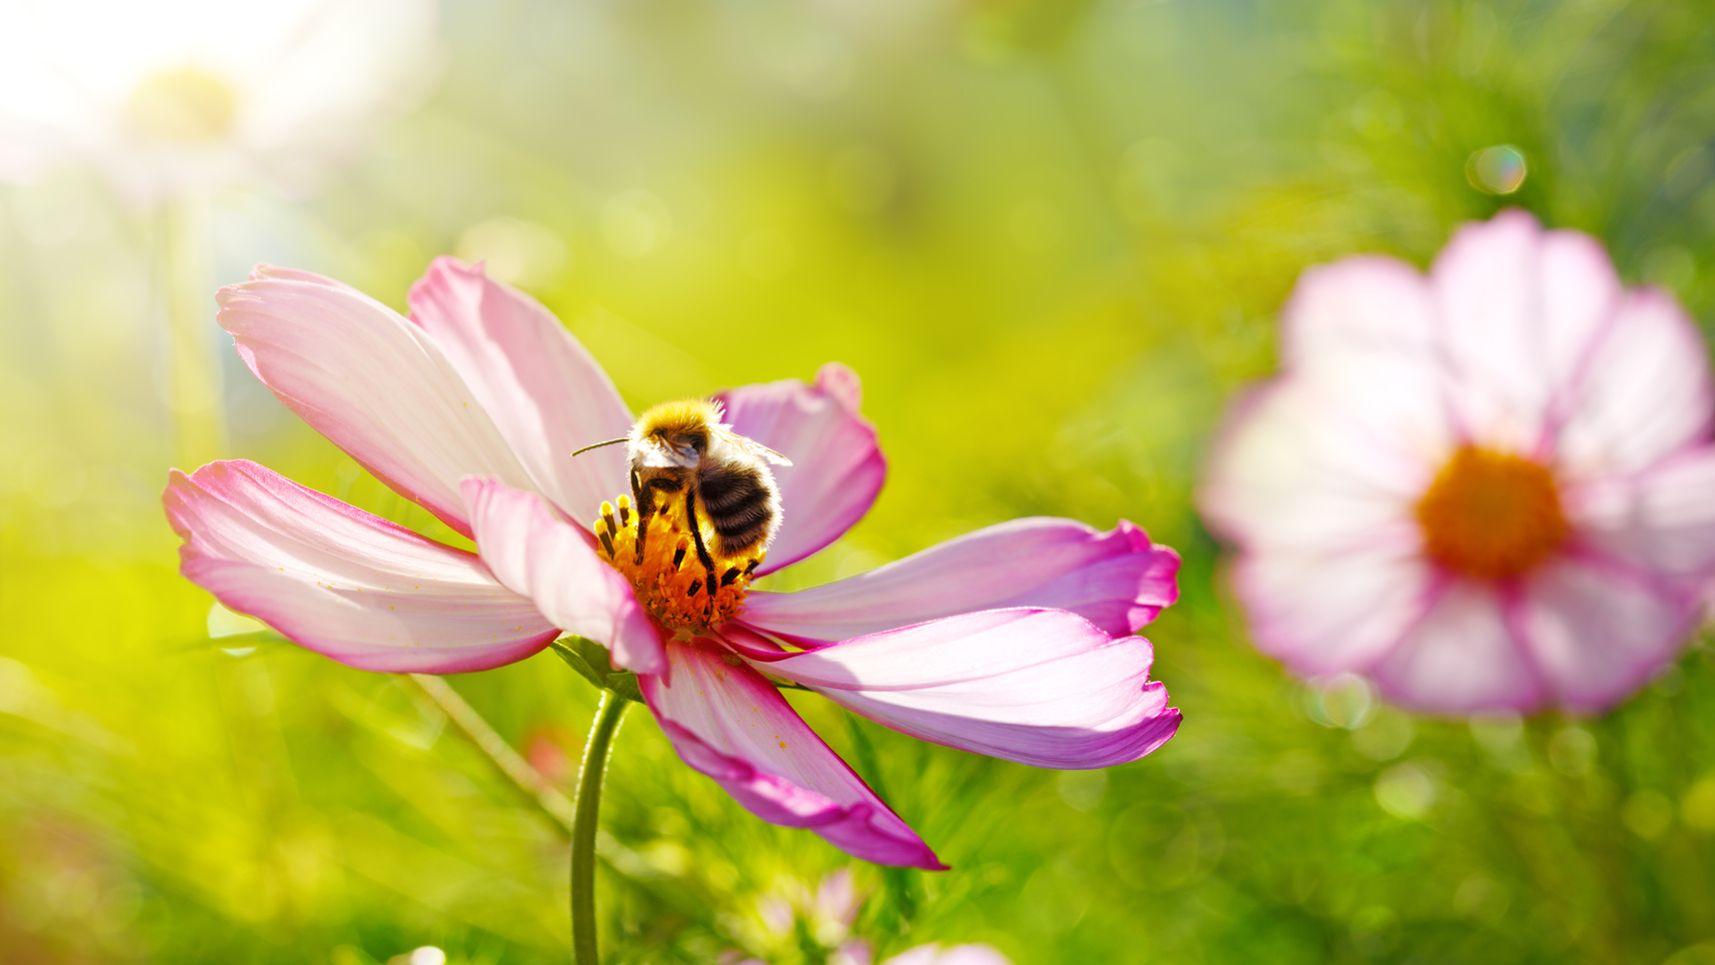 Jardin un milliard de fleurs semer pour les abeilles - Grossiste fleurs coupees pour particulier ...